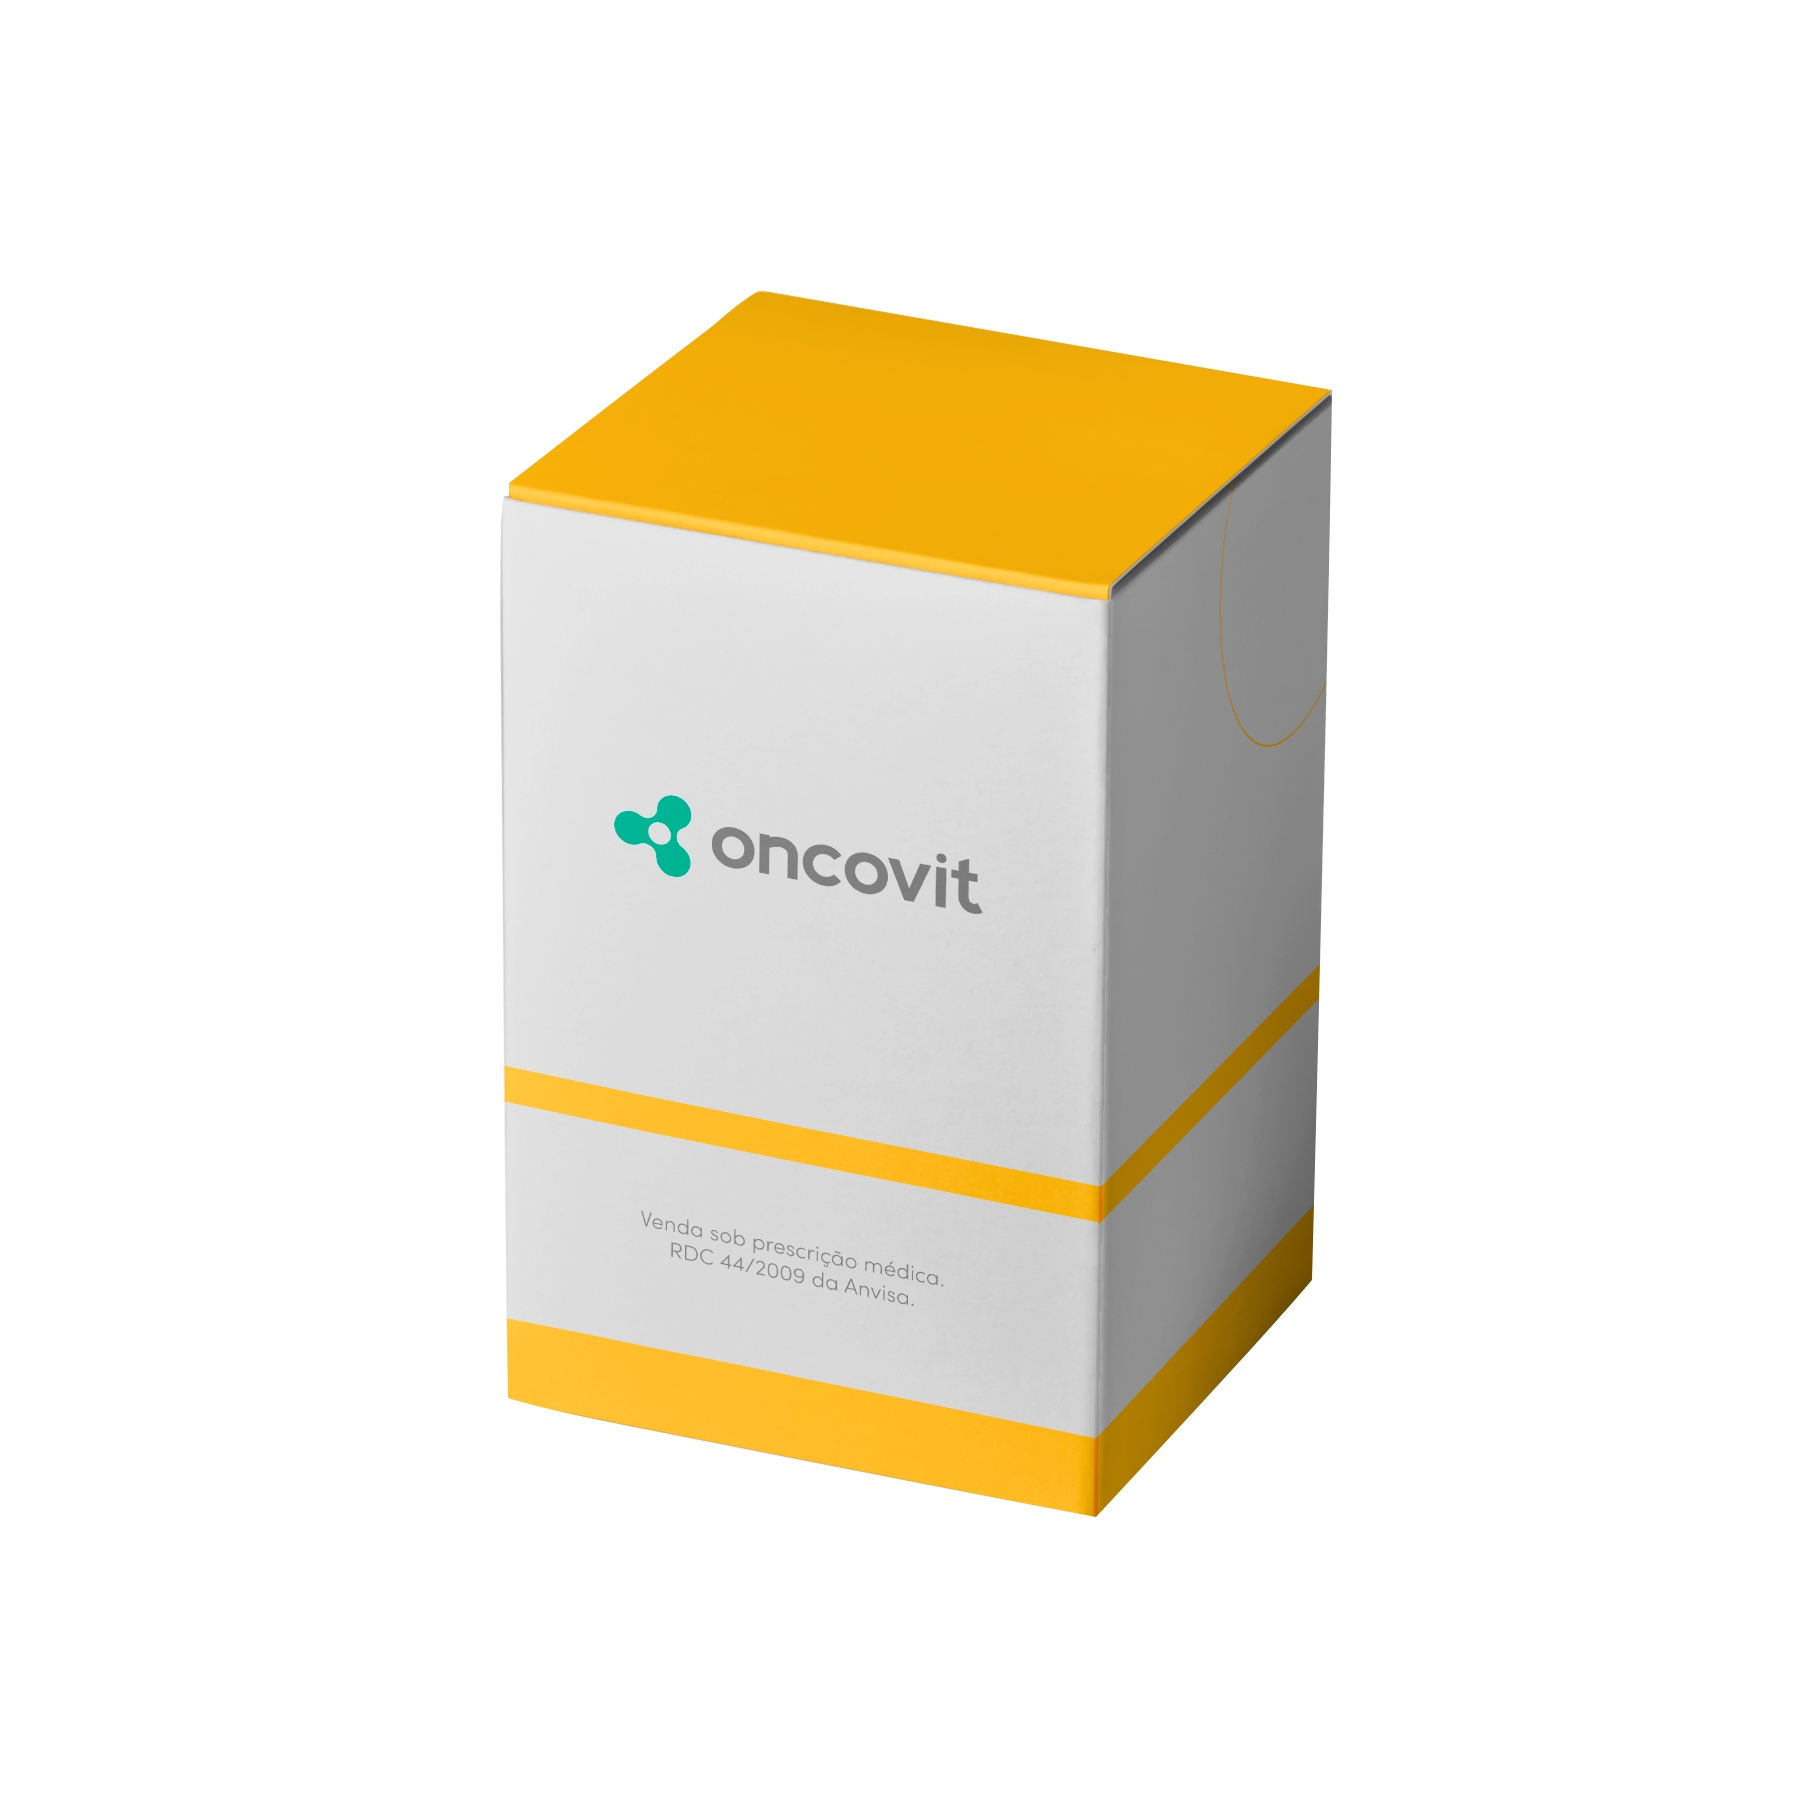 Bosentana 125mg caixa com 60 comprimidos revestidos